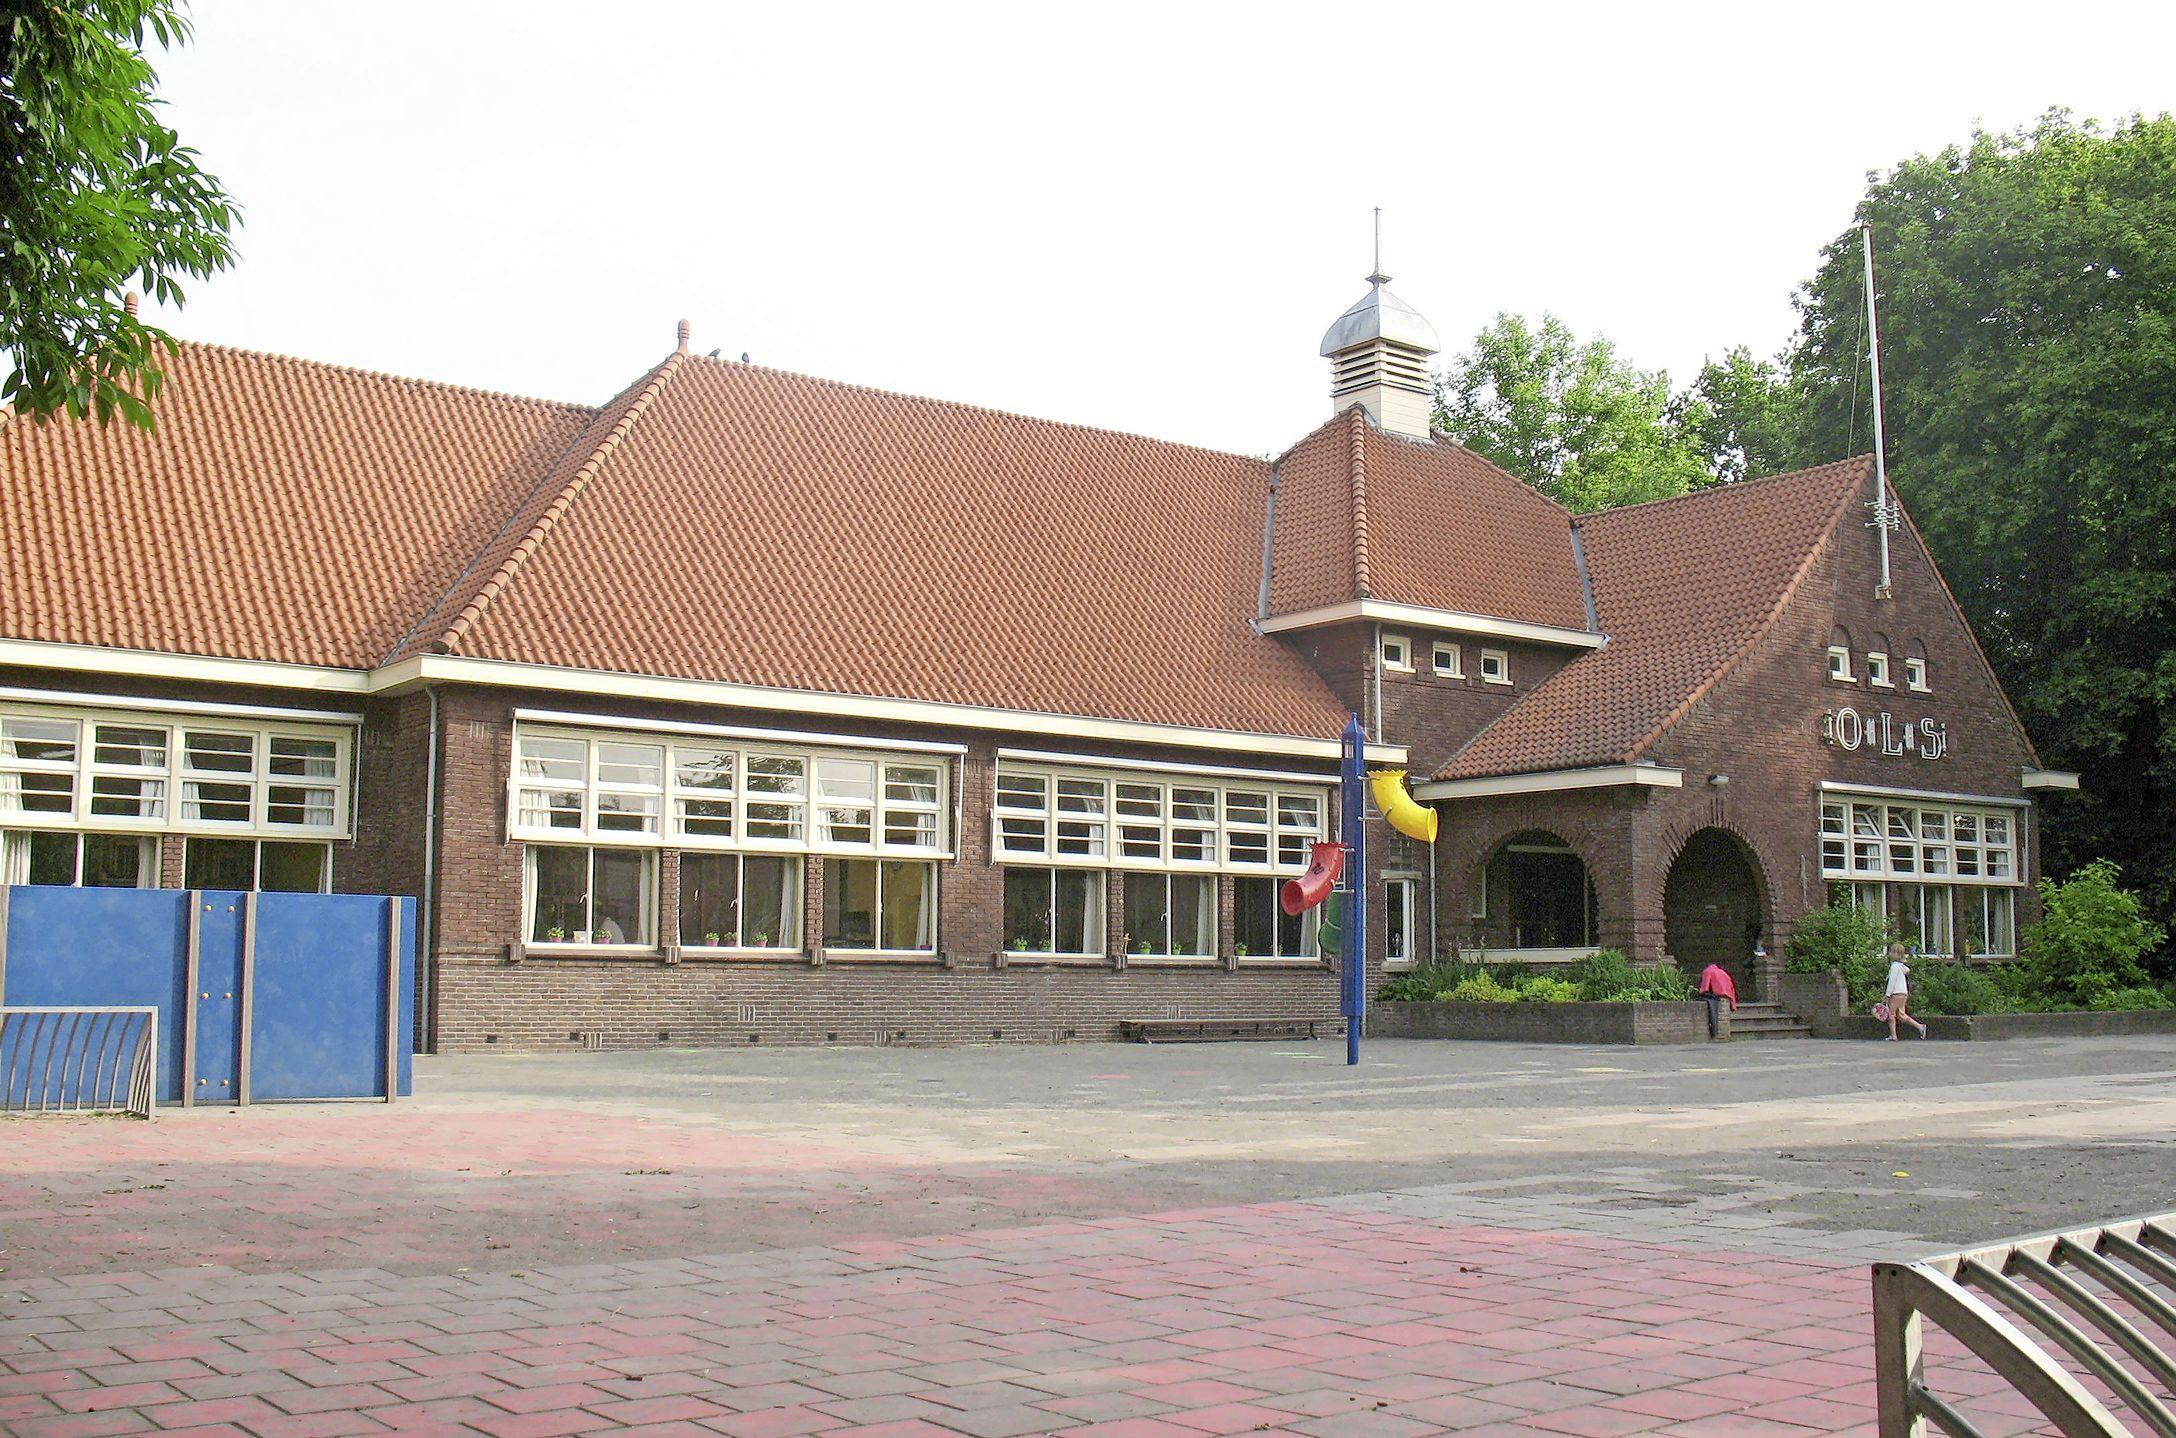 Monumentenschildje voor vier adressen in Hollands Kroon